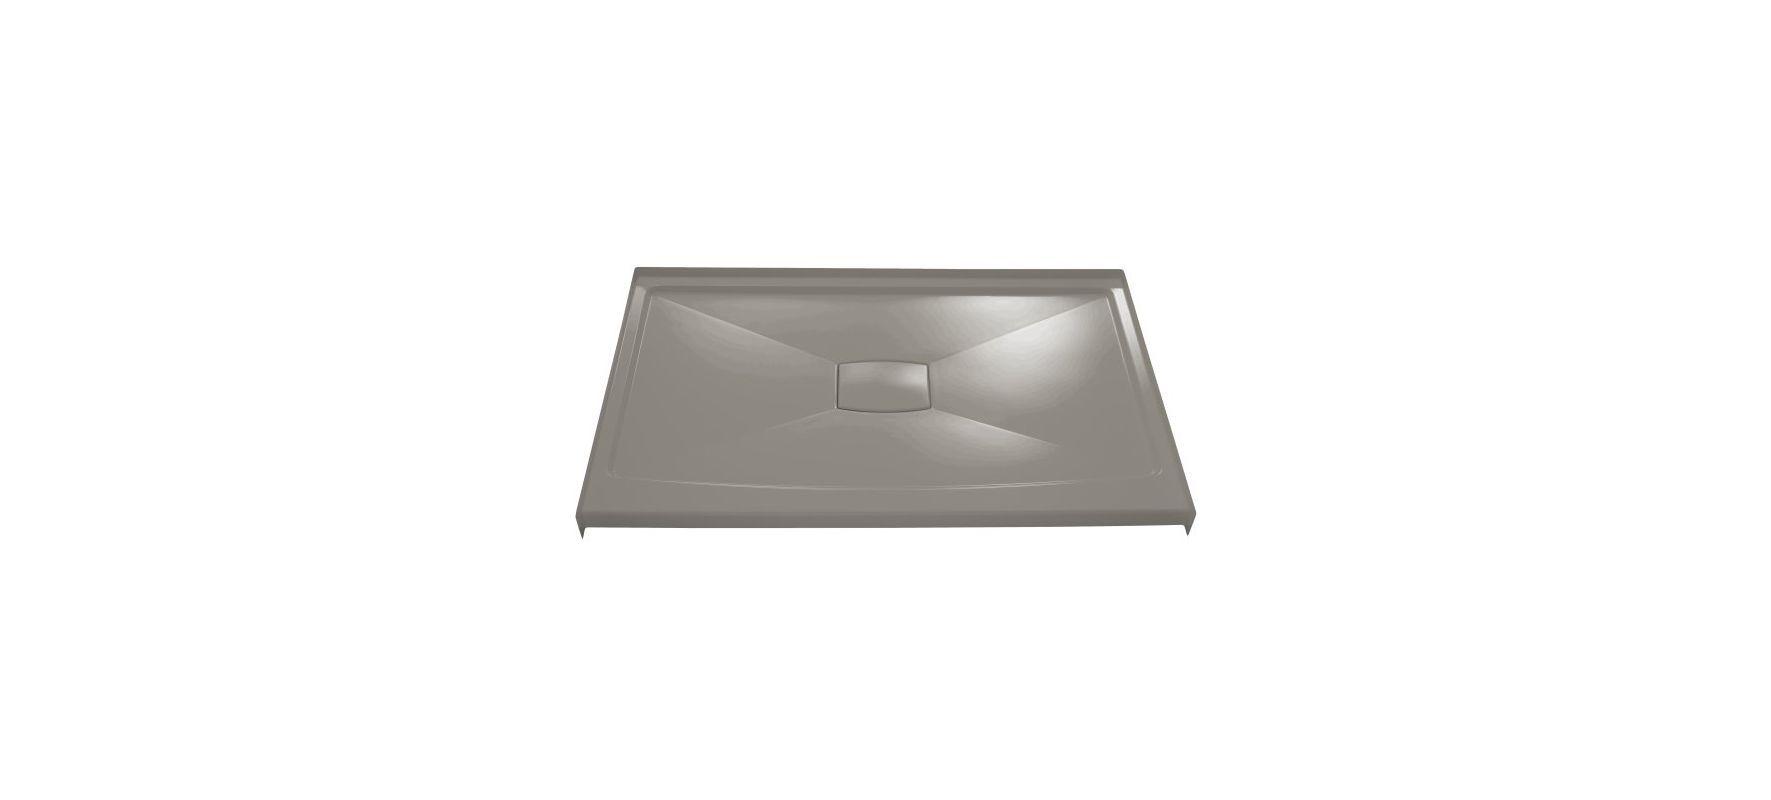 Kohler K 9479 Shower Base Drain Cover Shower Pan